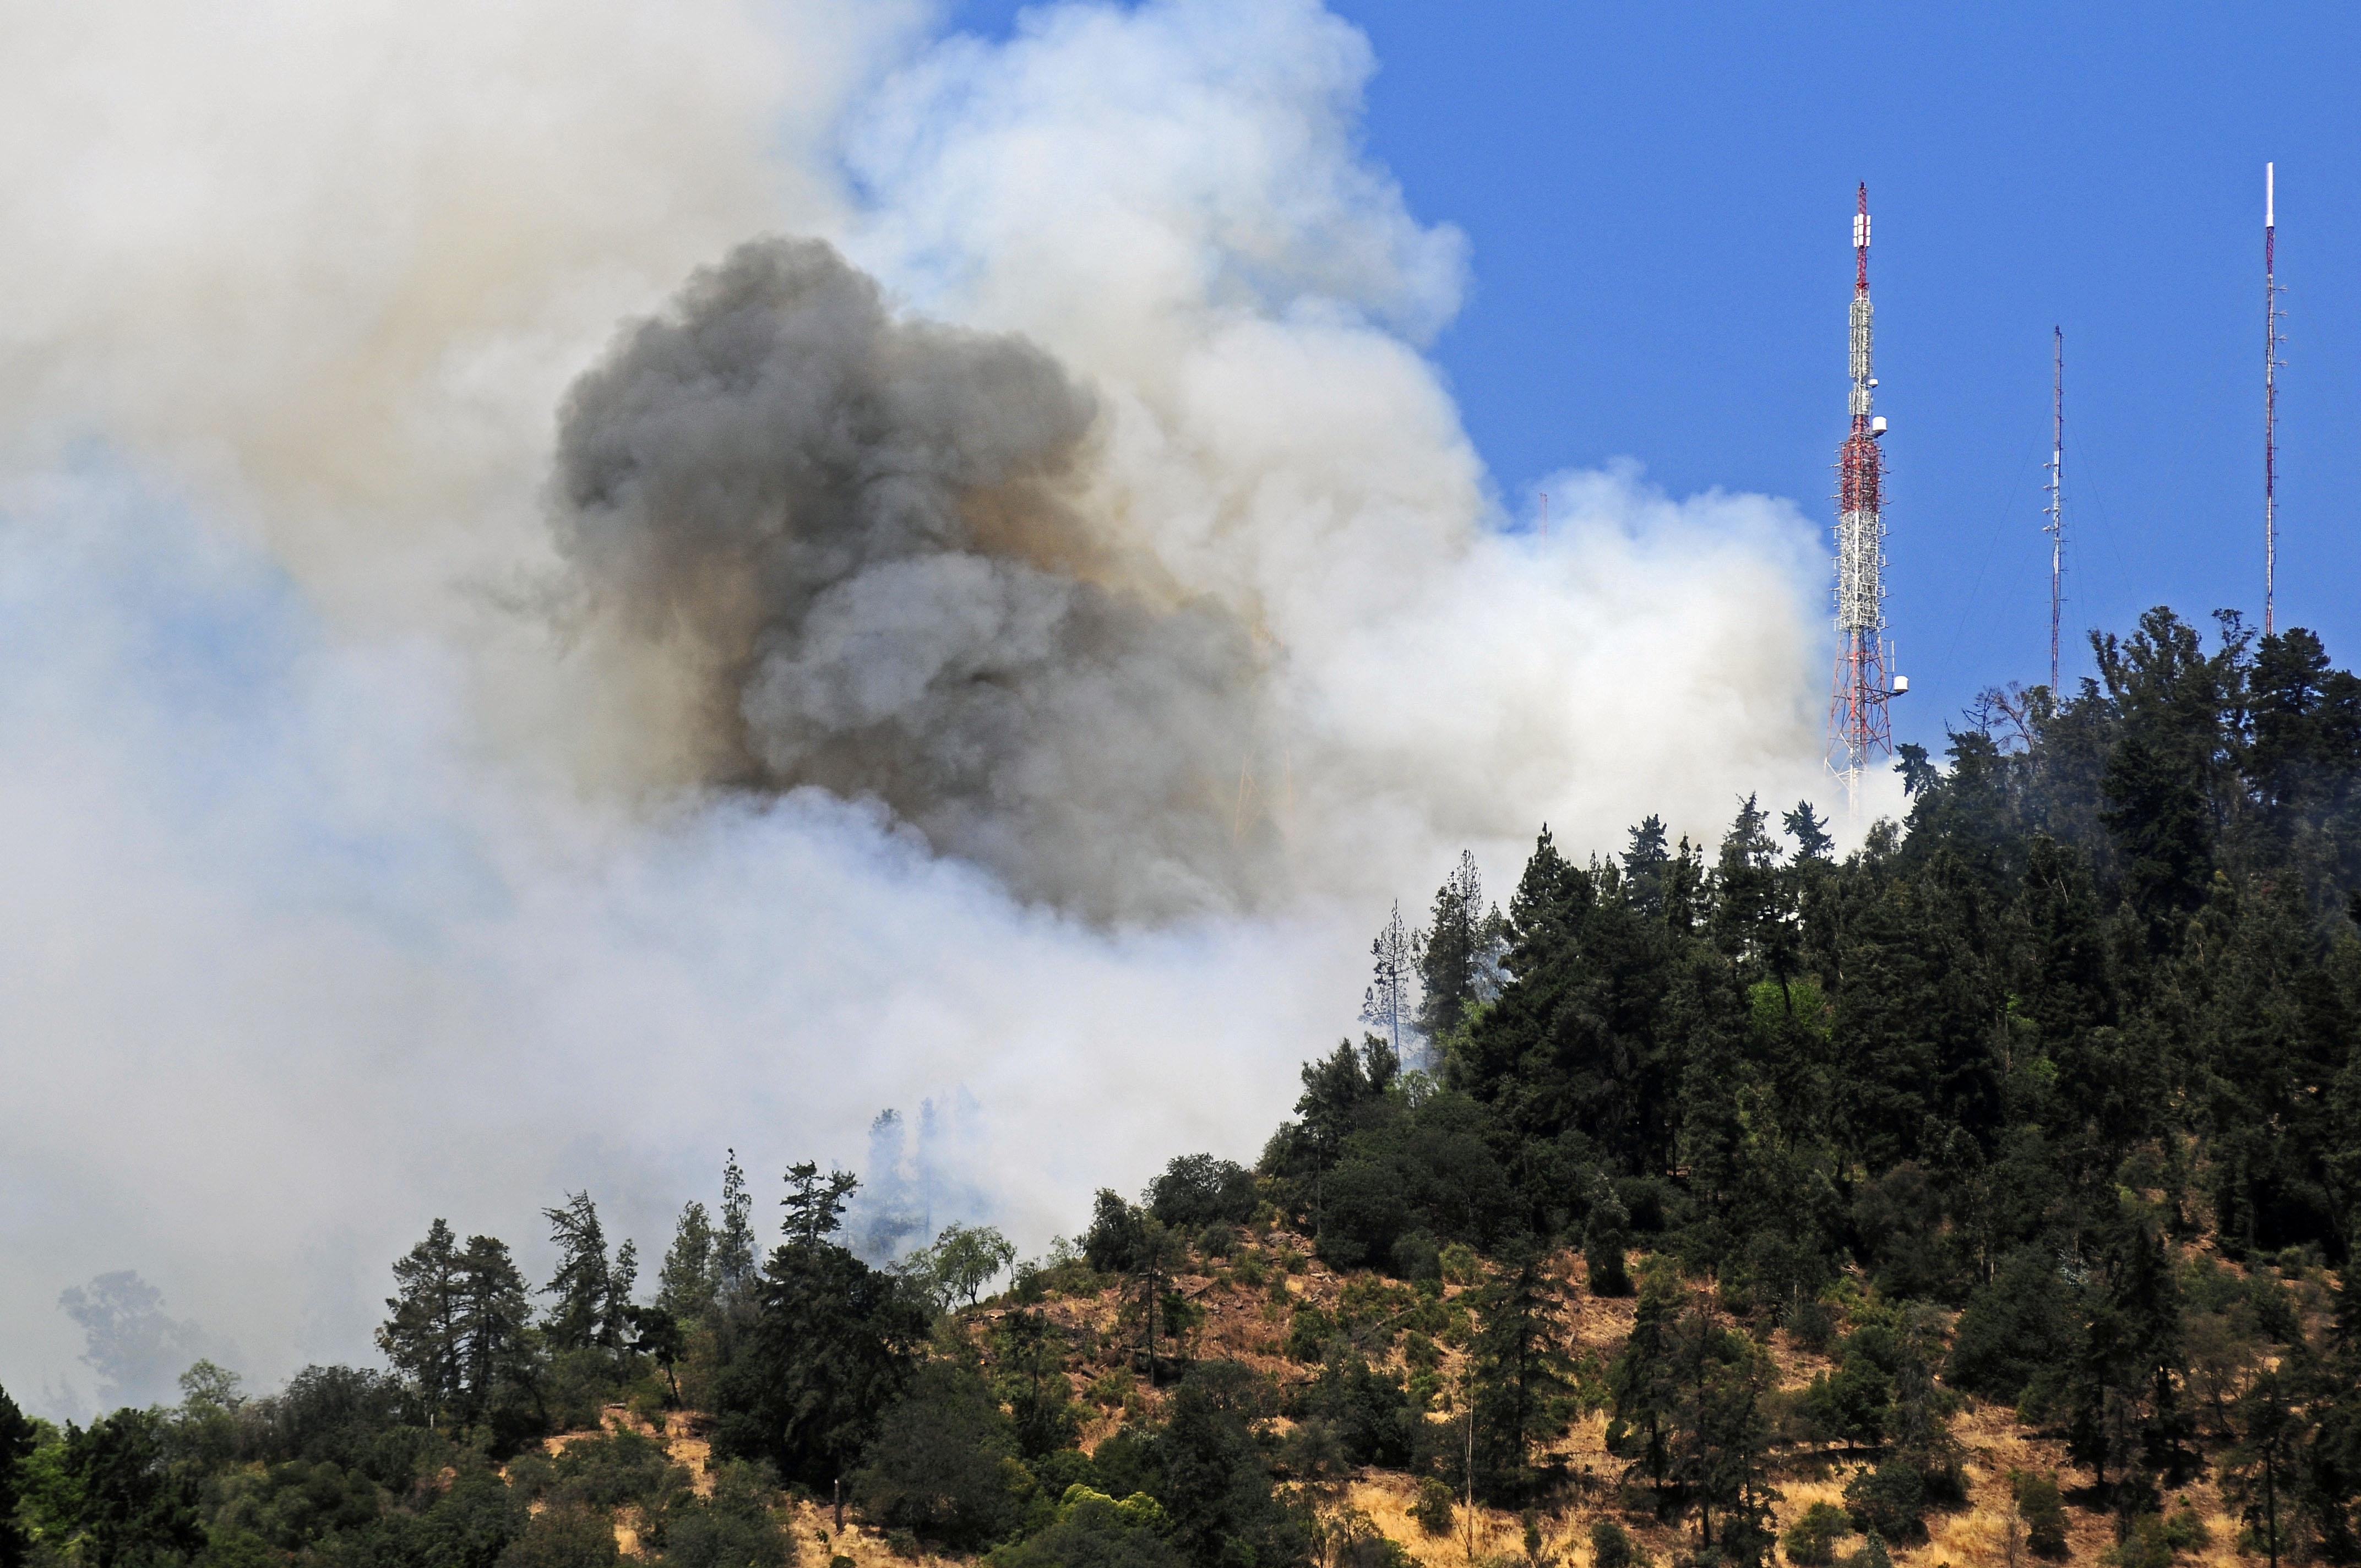 FOTOS |Incendio en el cerro San Cristóbal provoca gigantesca nube de humo